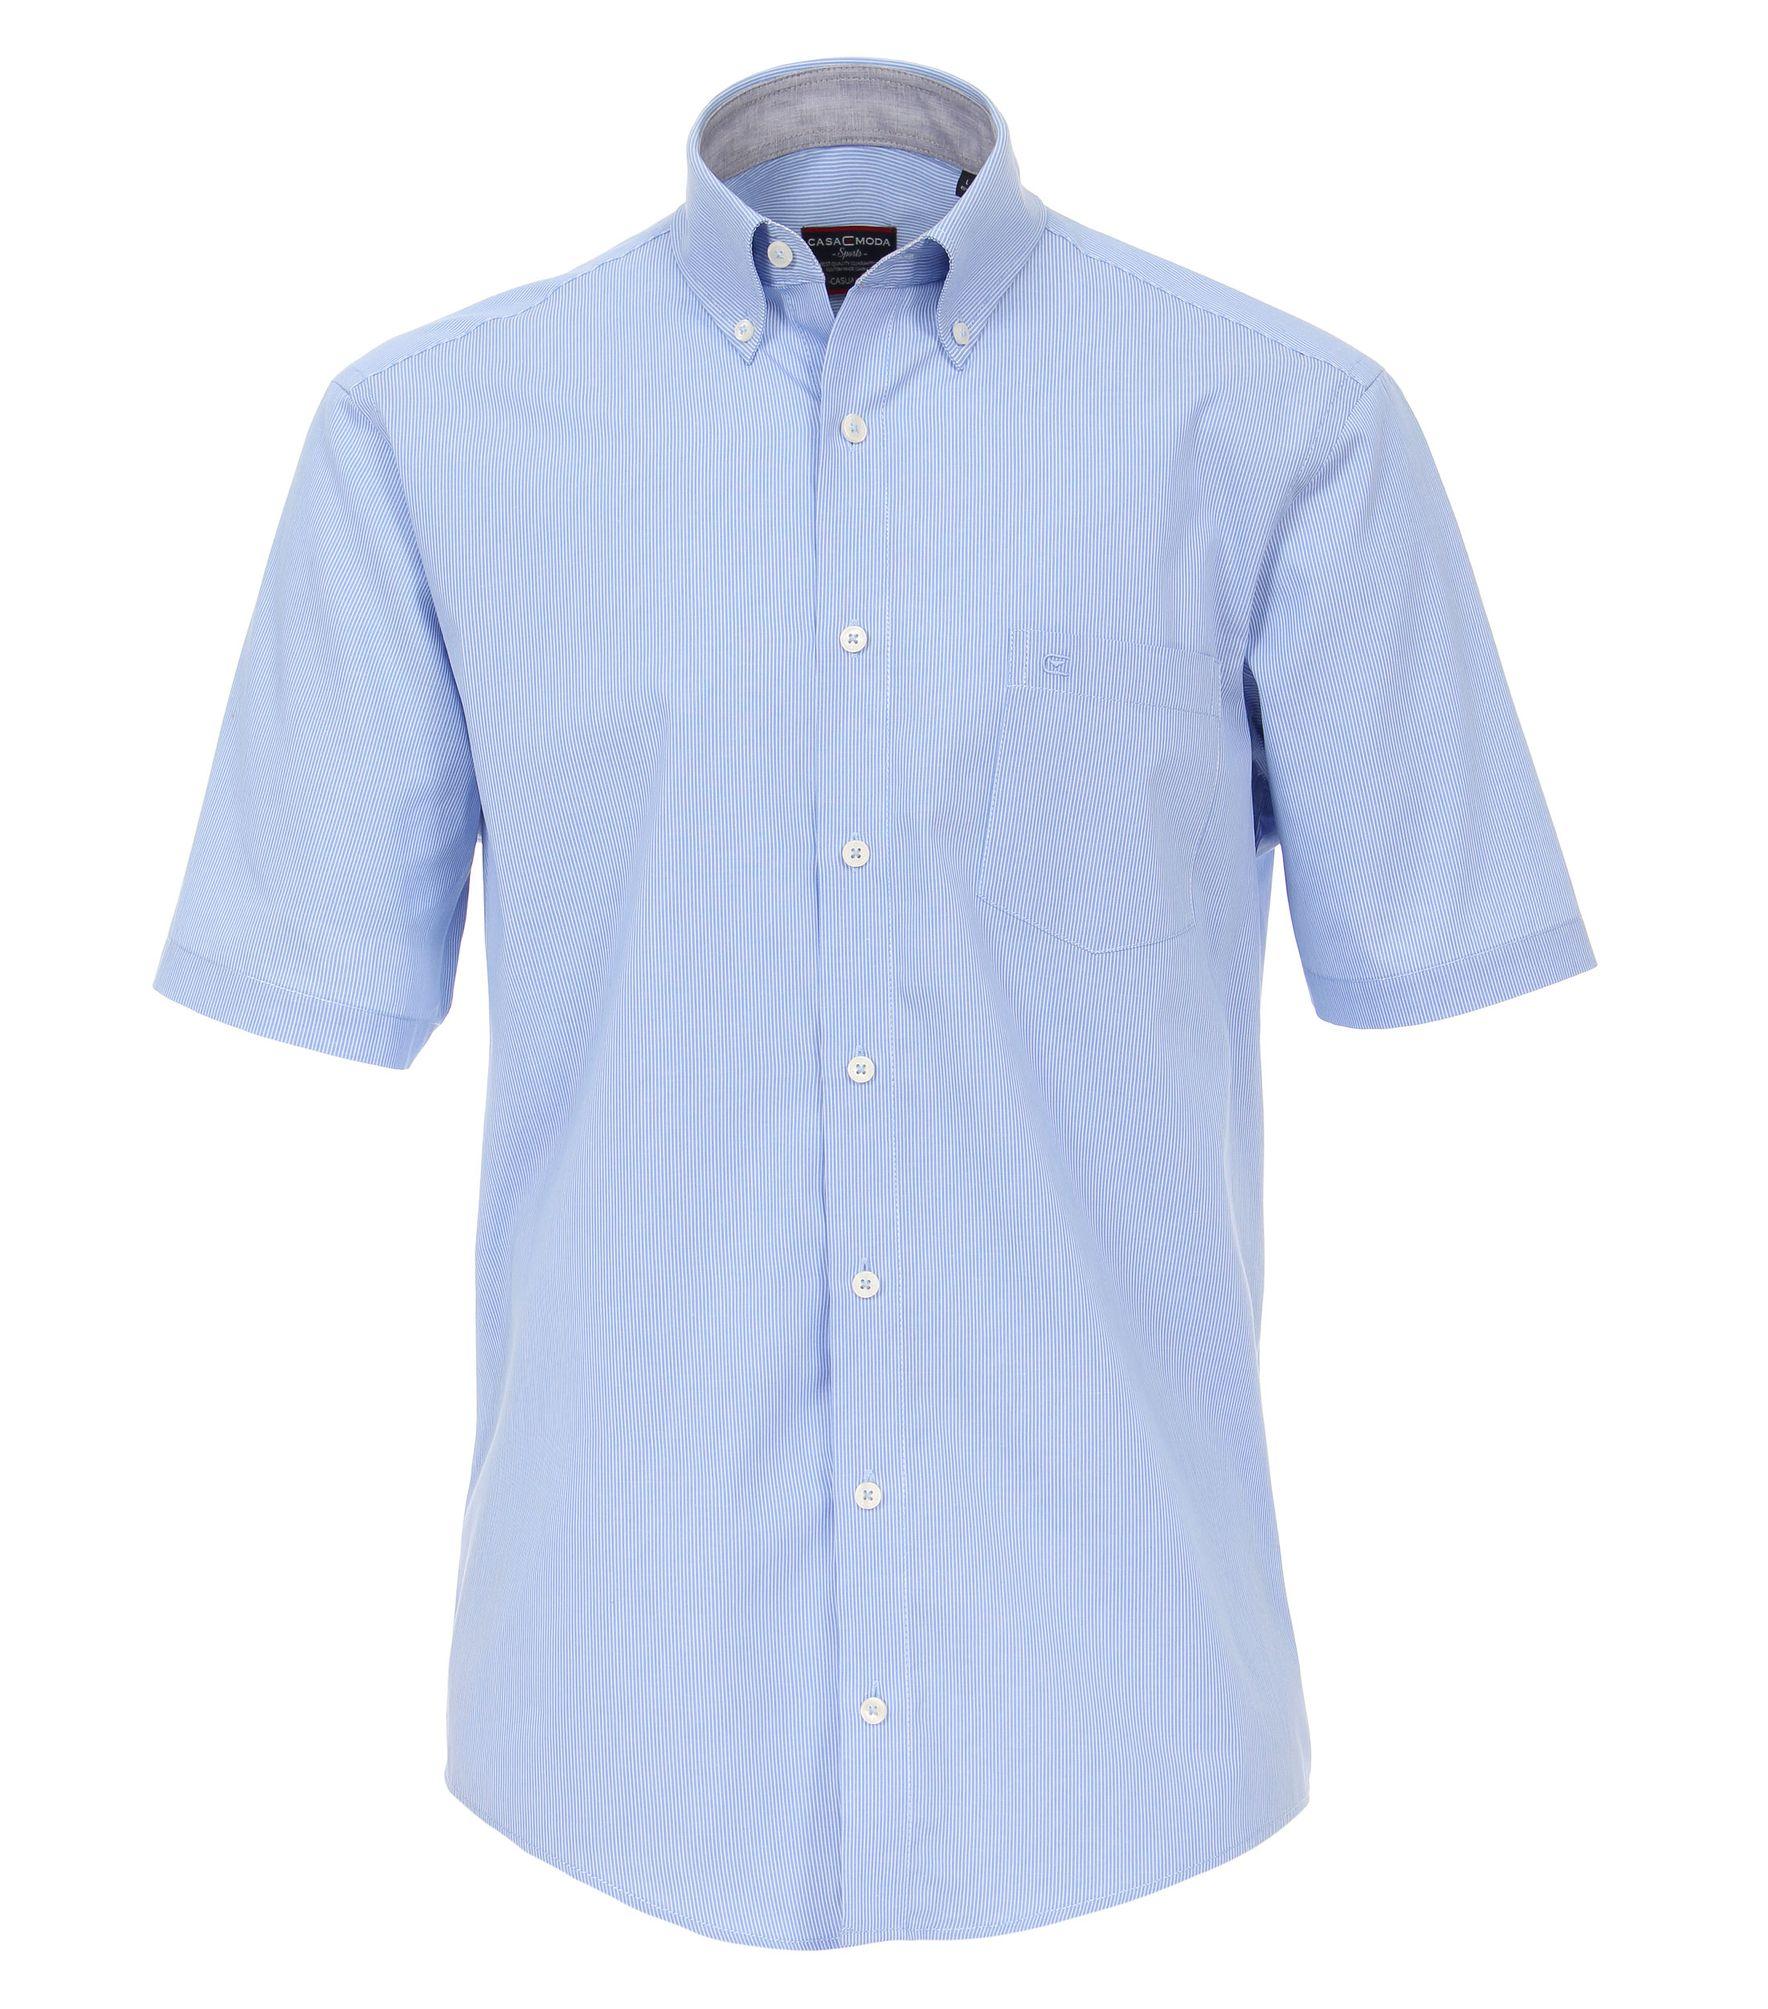 557c390a76 Casa Moda - Casual Fit - Herren Freizeit 1/2-Arm-Hemd in verschiedenen  Farben mit Button - Down - Kragen (983078800A)